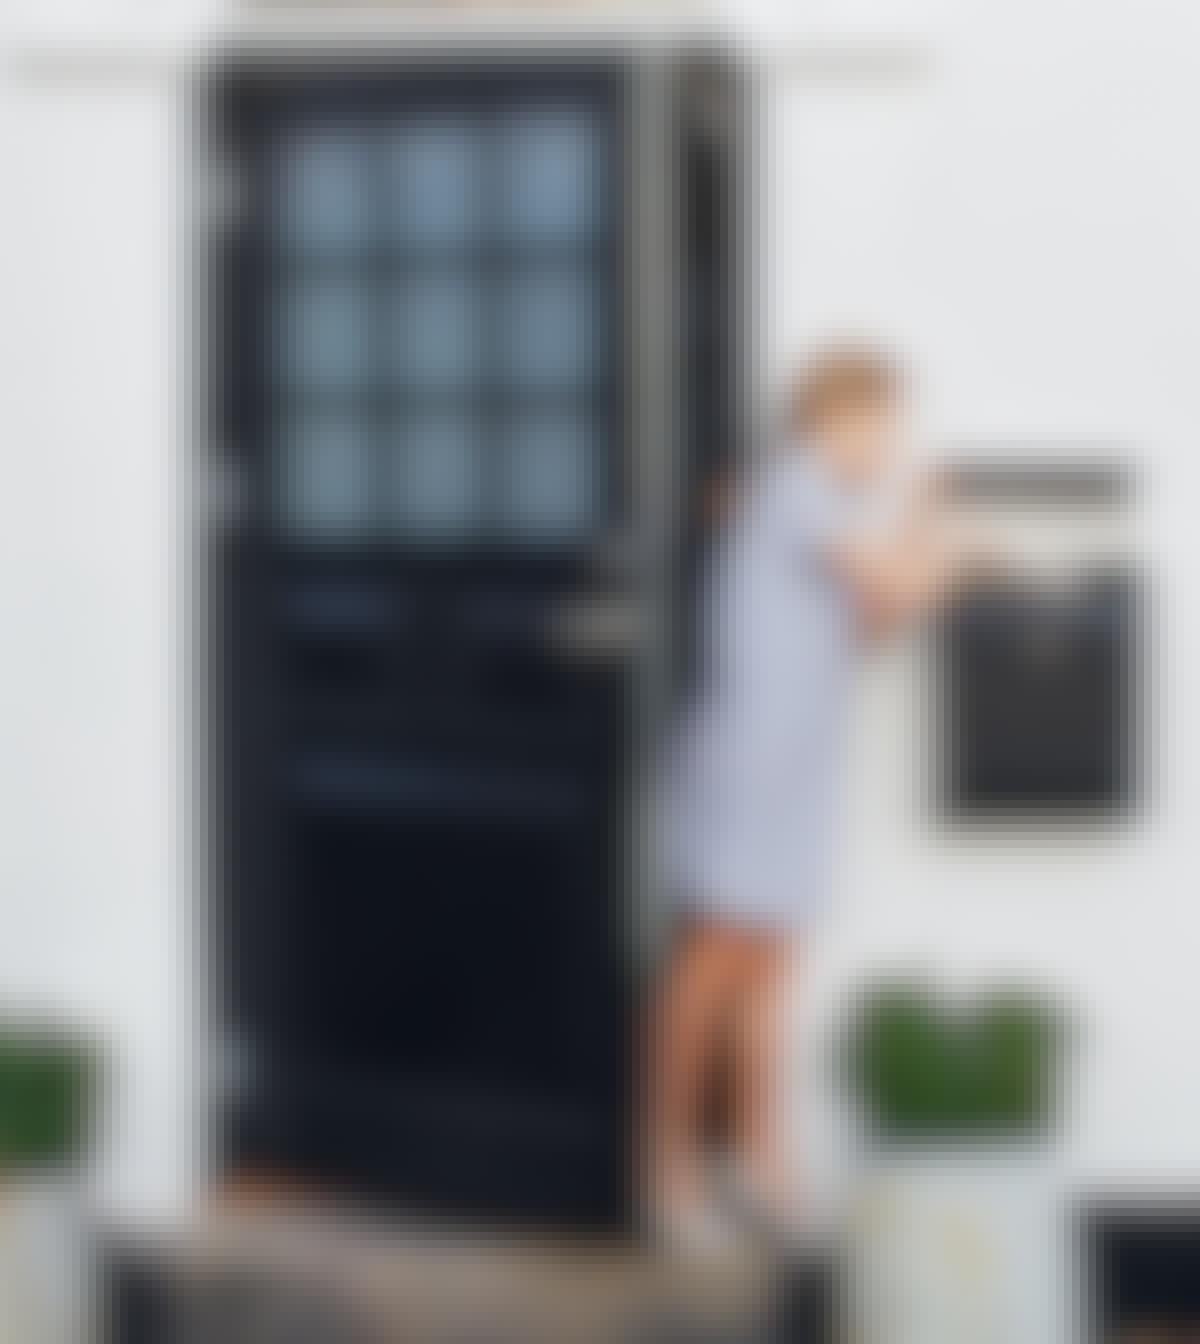 Byt ut ytterdörren – steg för steg